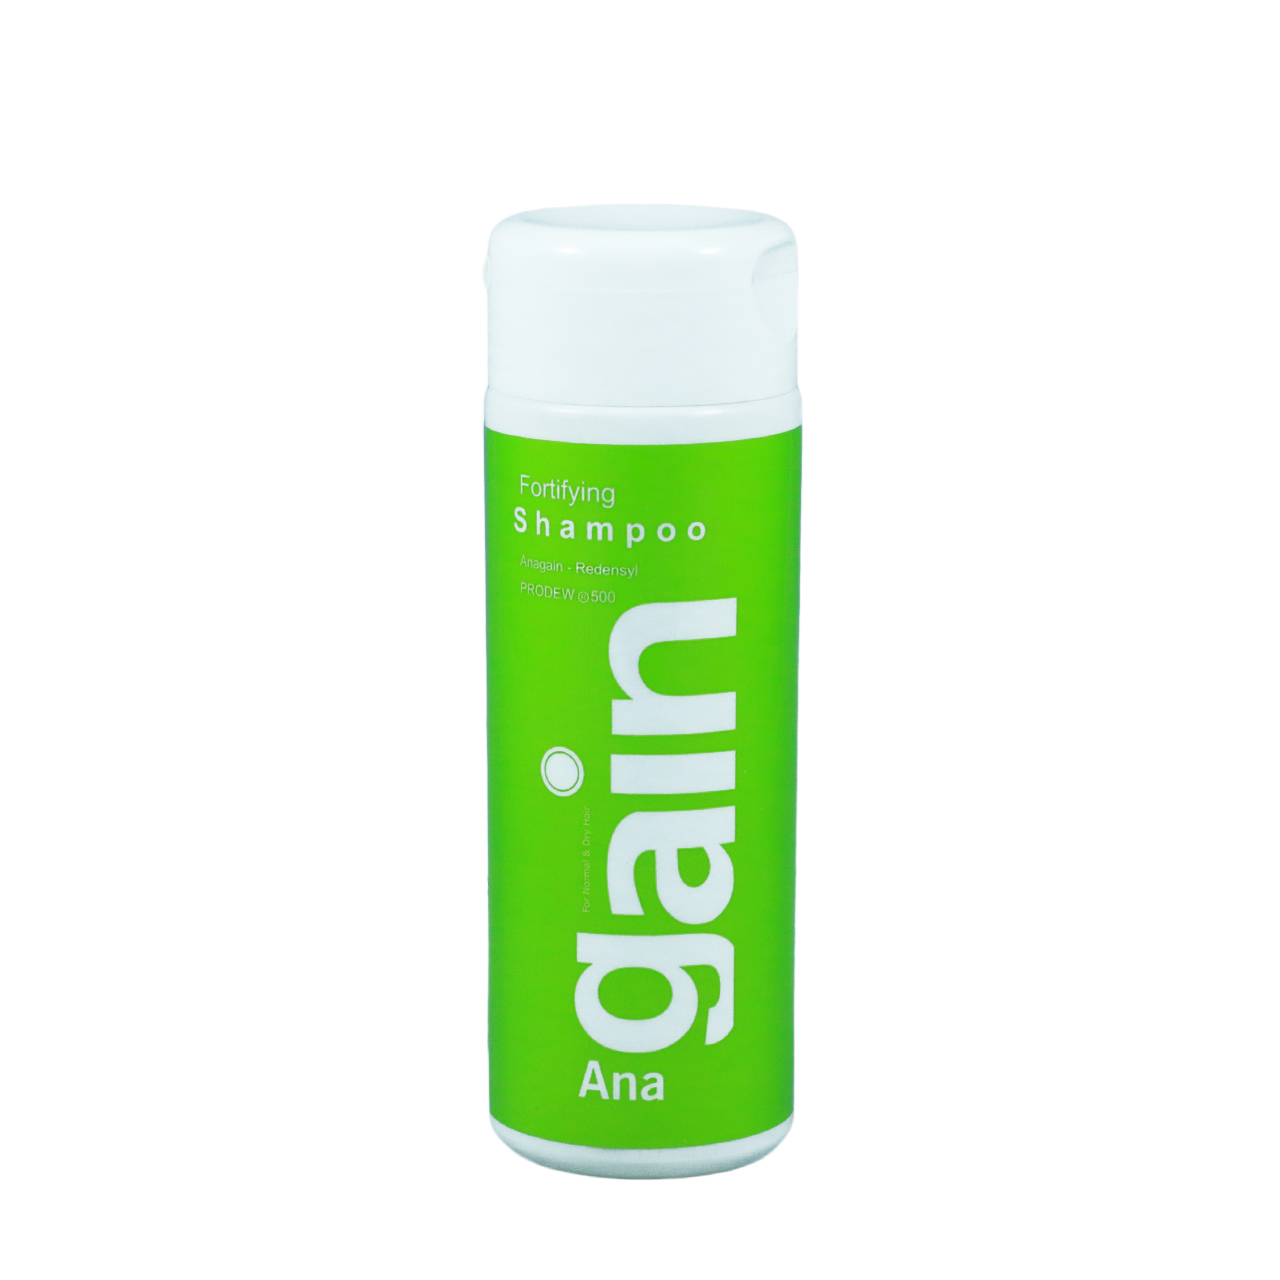 قیمت شامپو تقویت کننده فیس دوکس مخصوص موهای خشک و آسیب دیده مدل ANAGAIN حجم 200 میلی لیتر